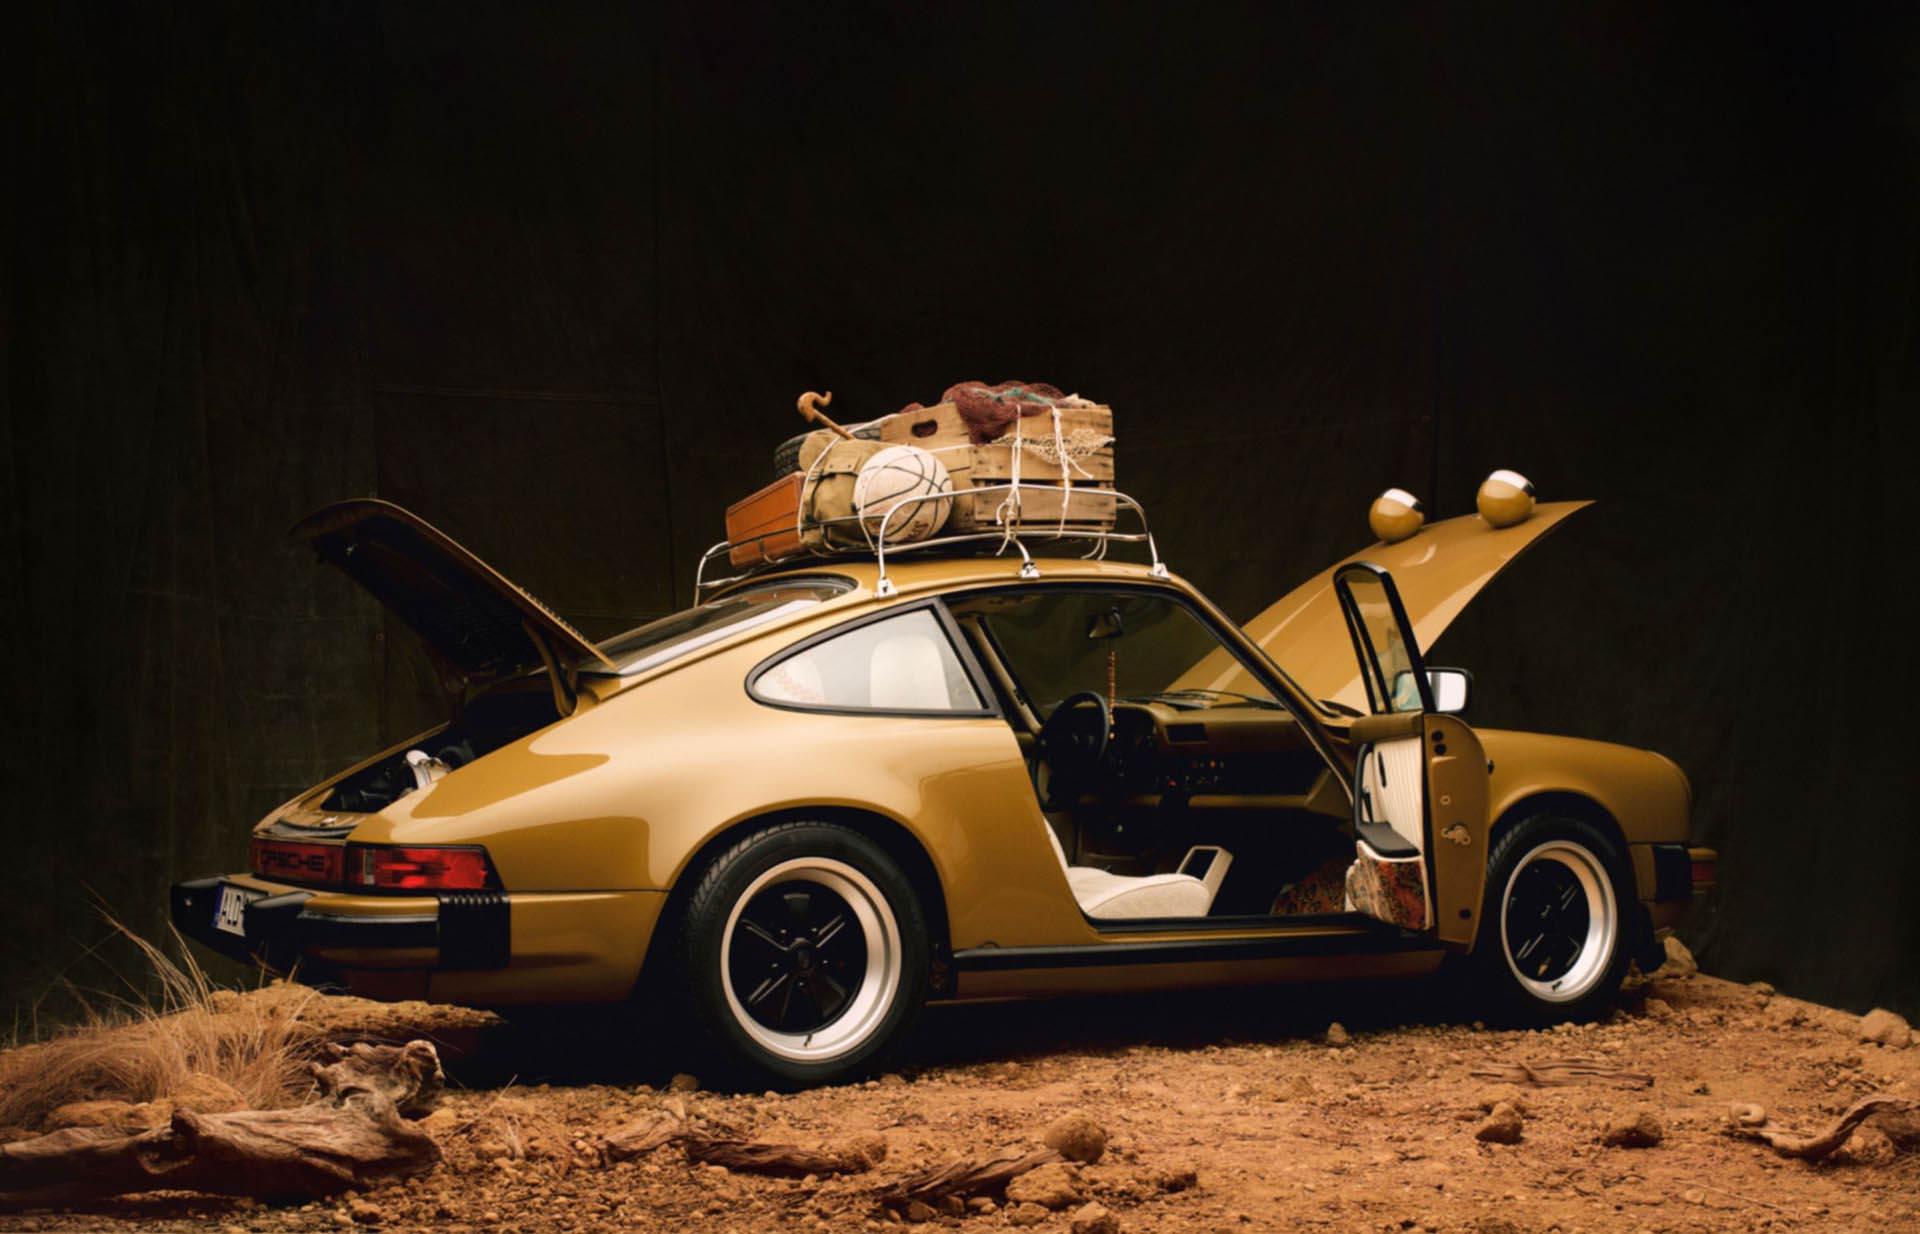 Porsche × Aimé Leon Dore